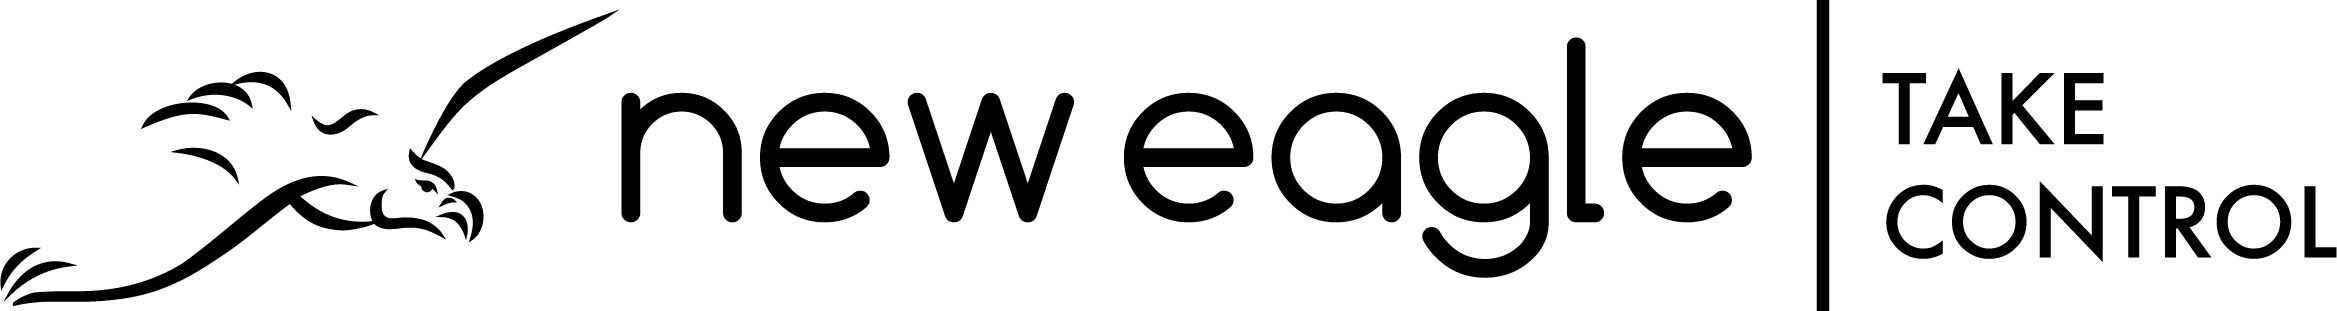 neweaglelogo